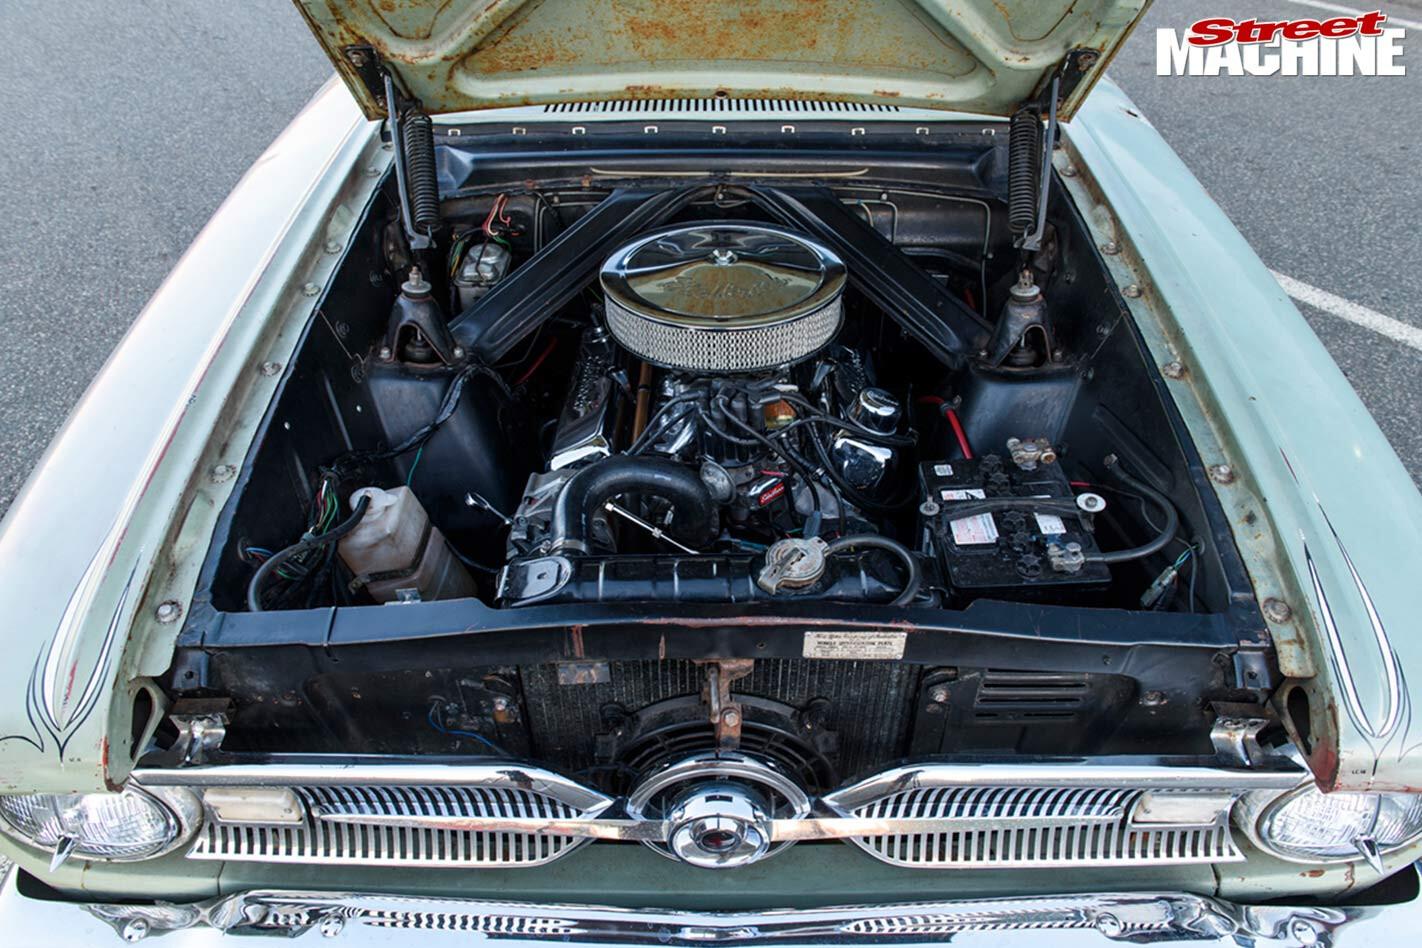 Ford Falcon XM engine bay